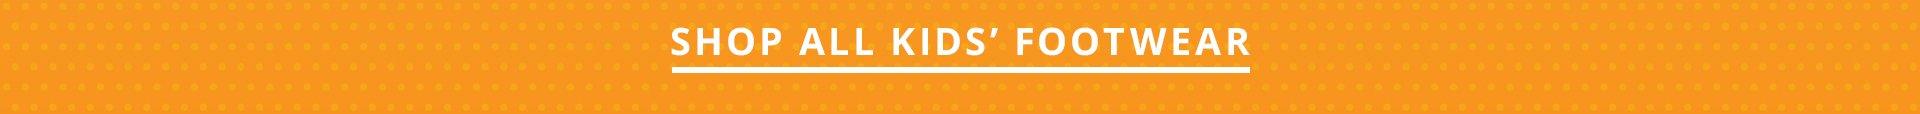 Shop All Kids Footwear